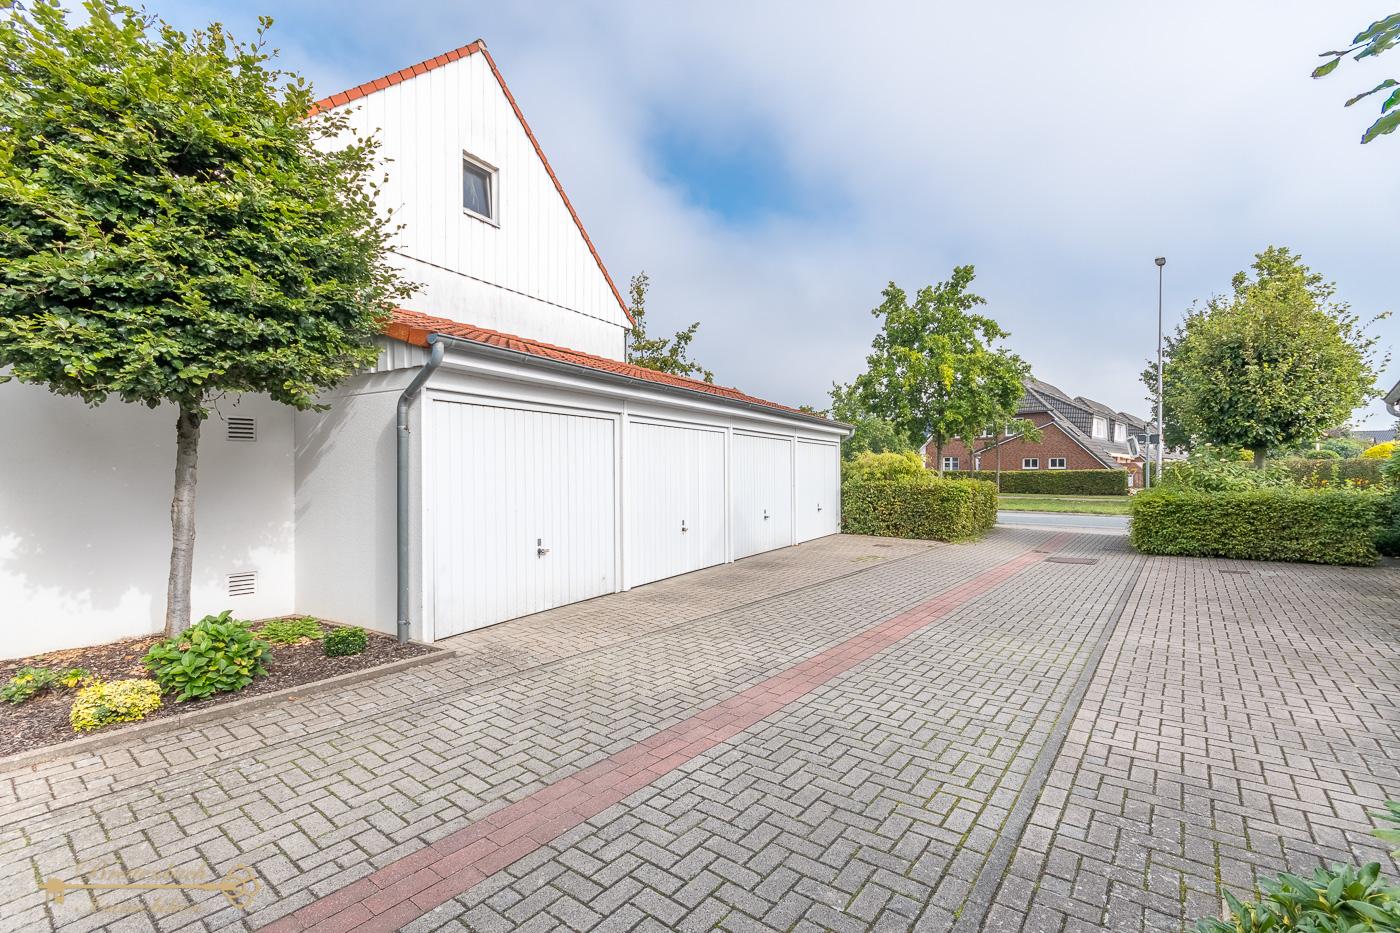 2019-09-08-Breitenbach-Immobilien-2